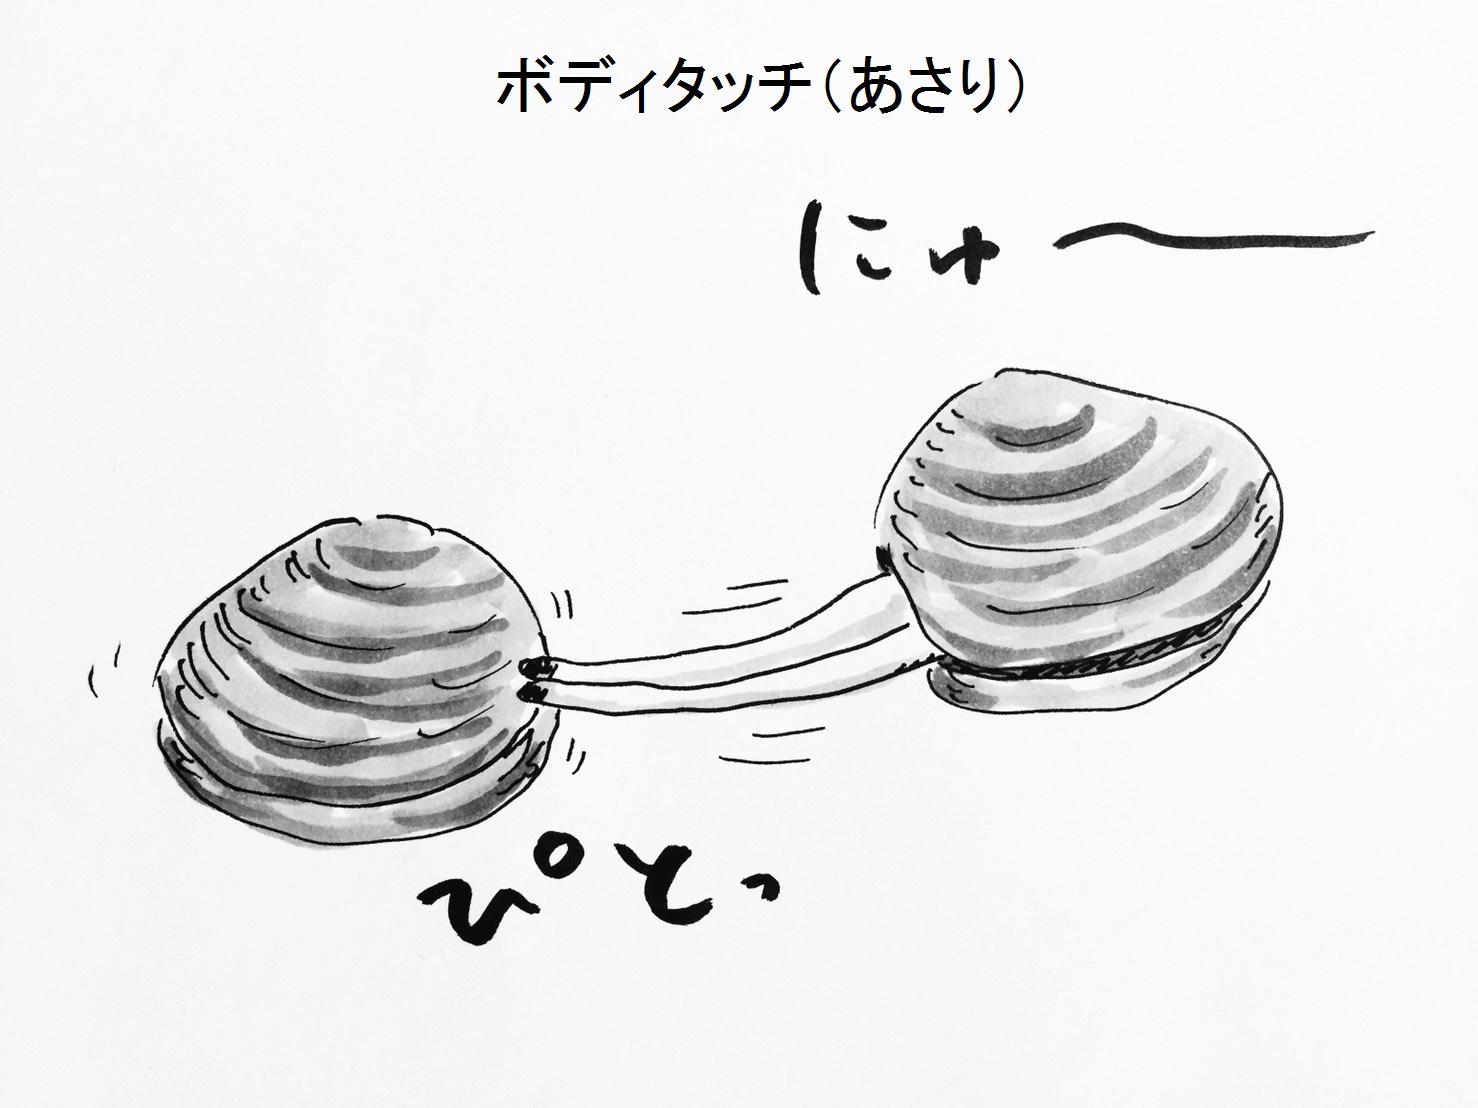 ボディタッチ(あさり)